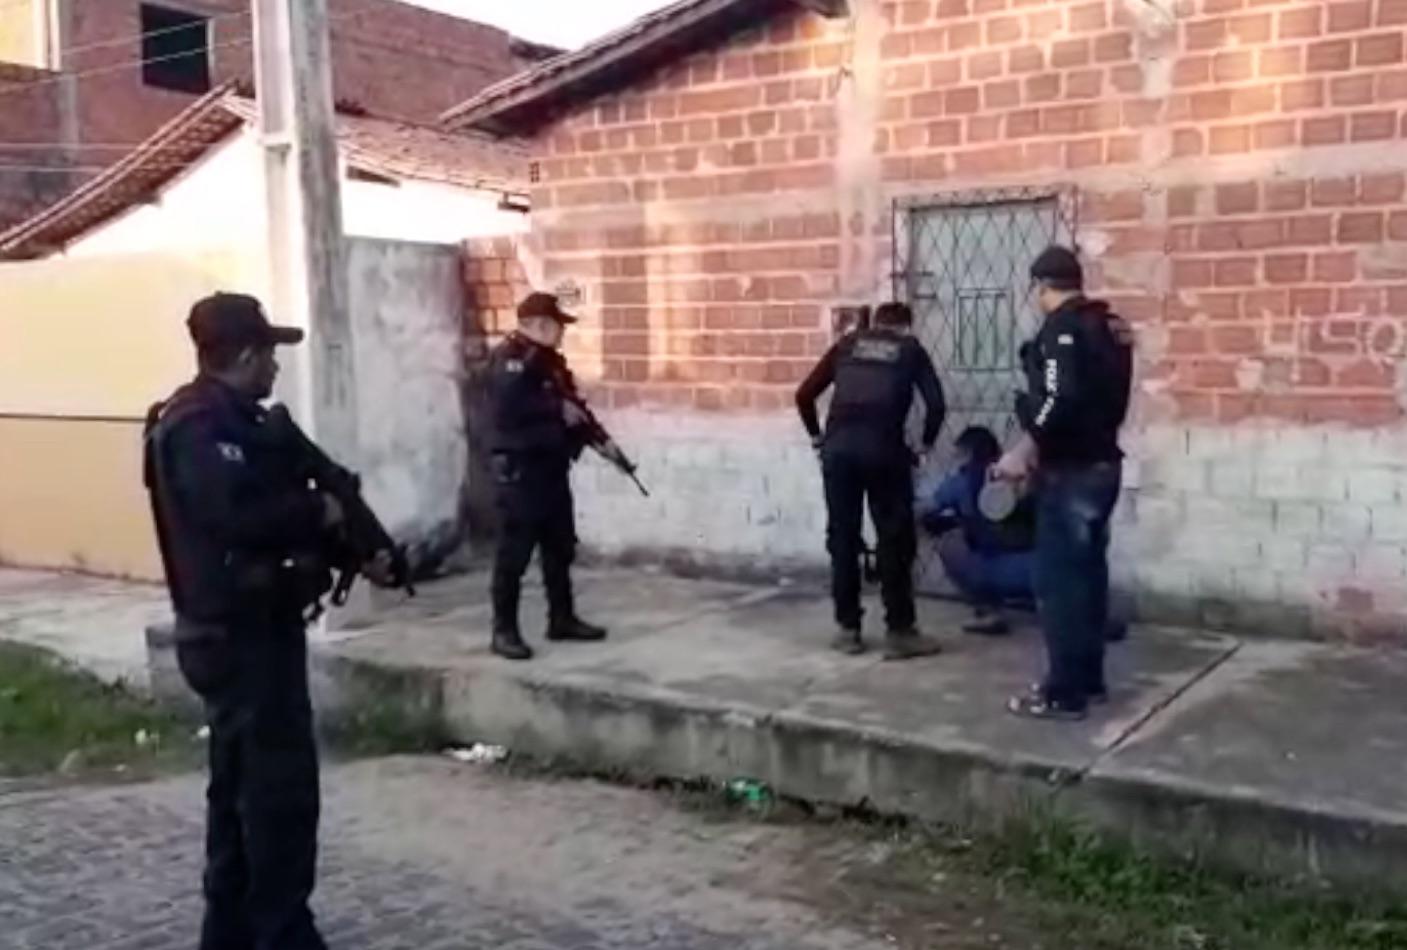 Polícia deflagra operação e cumpre mandados de roubos e estupros em Teresina - Imagem 3